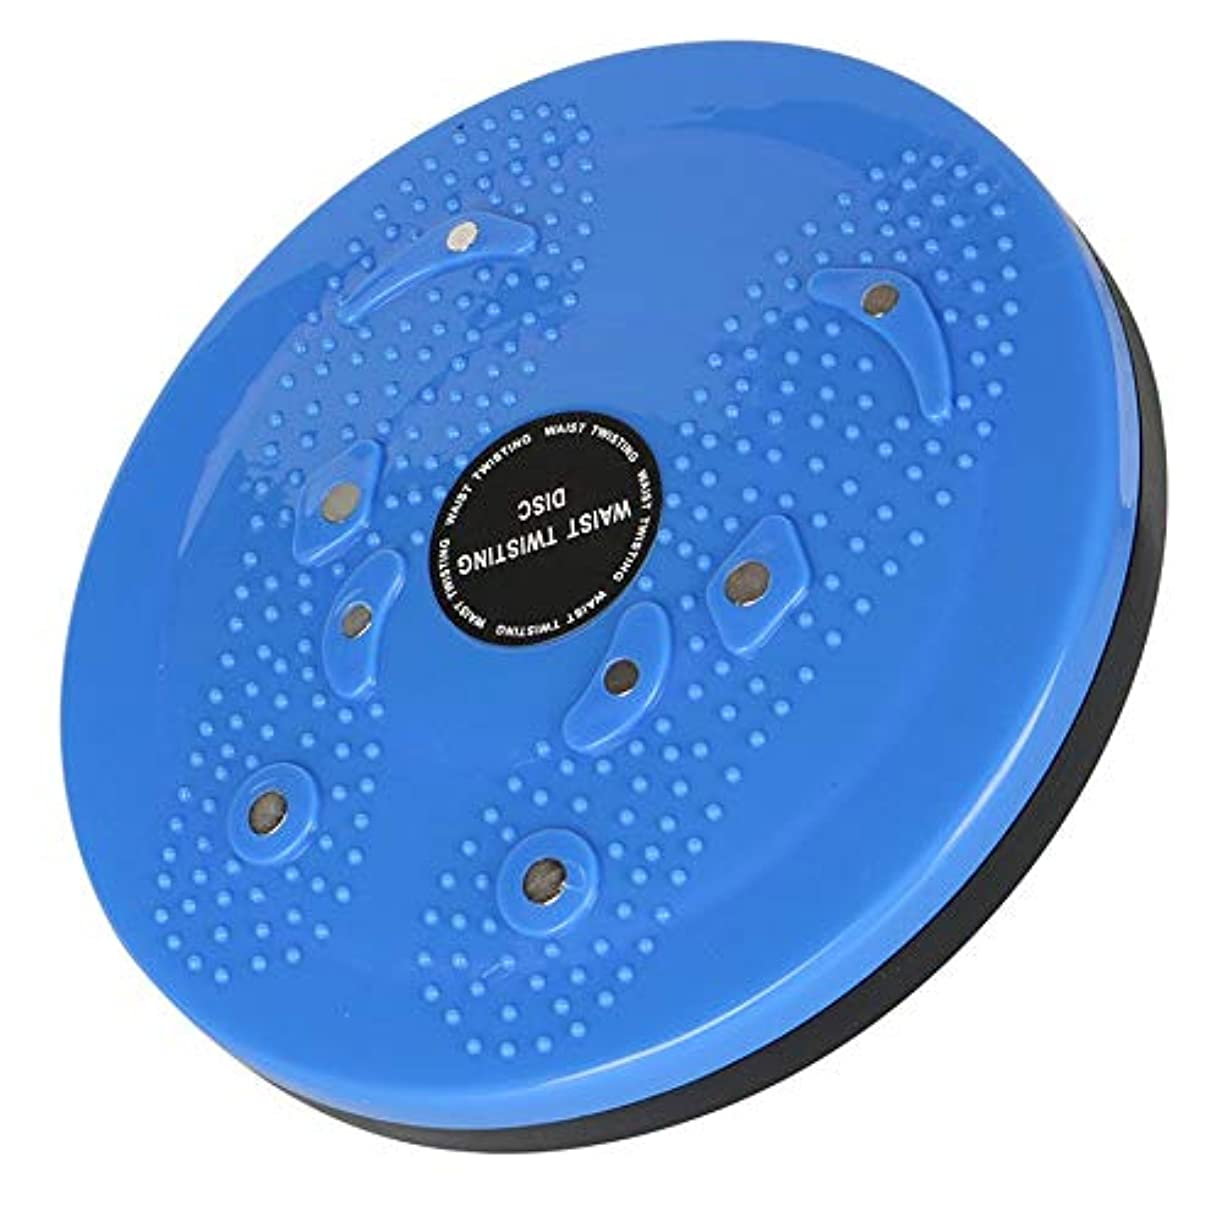 驚かす平手打ち合併症磁気ツイスト細いウエストマッサージ足ねじれディスクフィギュアトリマー多機能マグネットバランス回転ボード